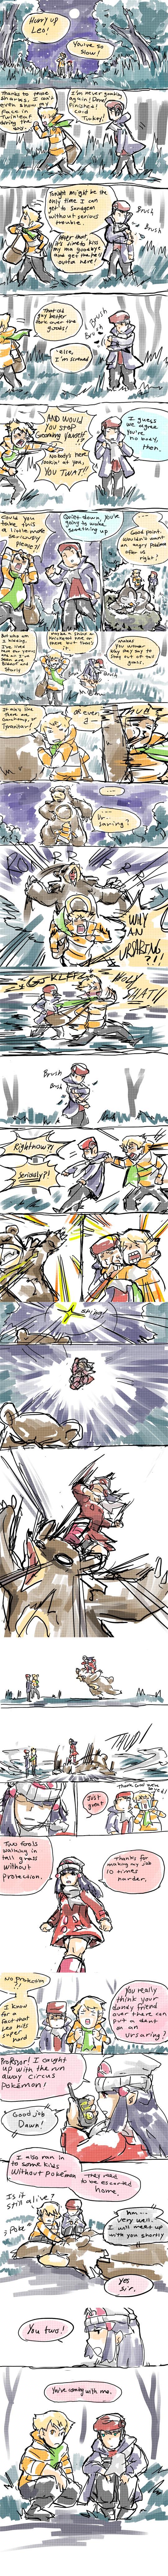 1girl 2boys ;_; absurdres beanie bike_shorts black_hair blonde_hair blue_eyes coat english gameplay_mechanics grass hat highres hikari_(pokemon) jun_(pokemon) kicking kouki_(pokemon) long_image multiple_boys njike pokemon pokemon_(creature) pokemon_(game) pokemon_dppt starly tall_image twitch_plays_pokemon ursaring walkie-talkie yellow_eyes